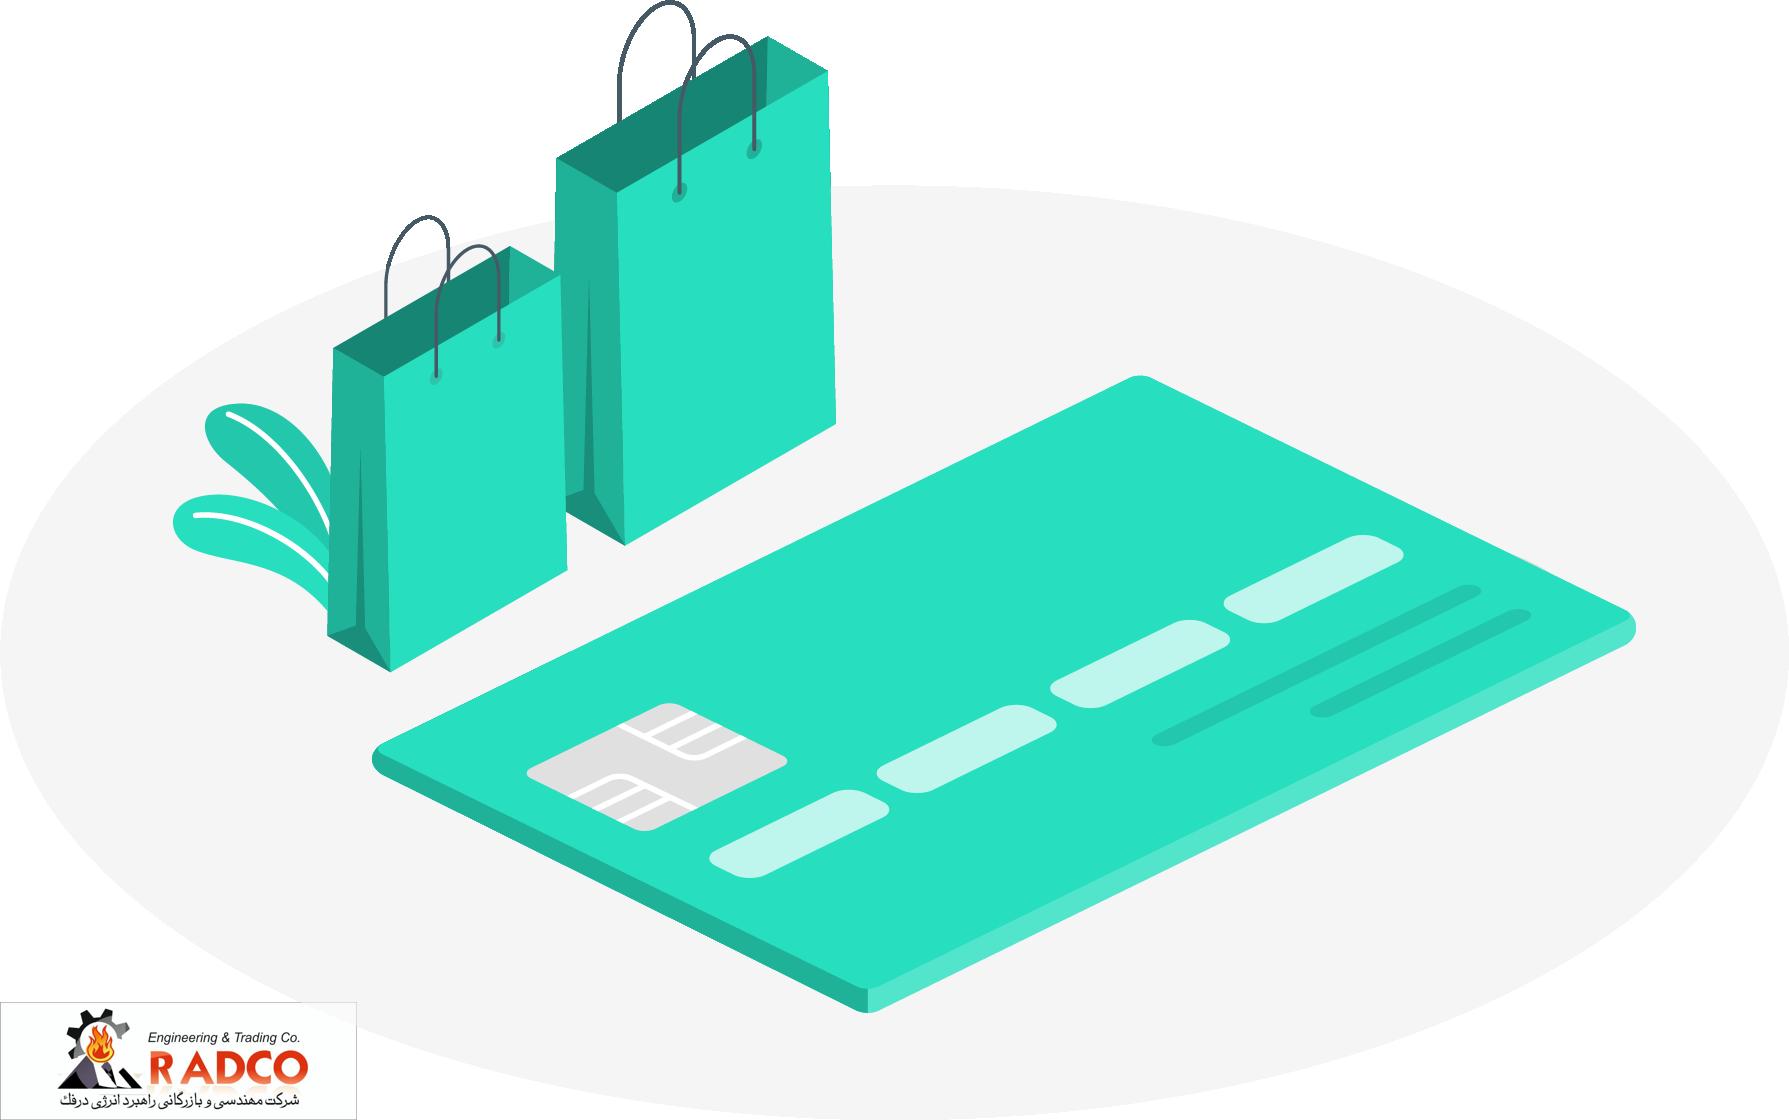 راهنمای خرید شرکت رادکو